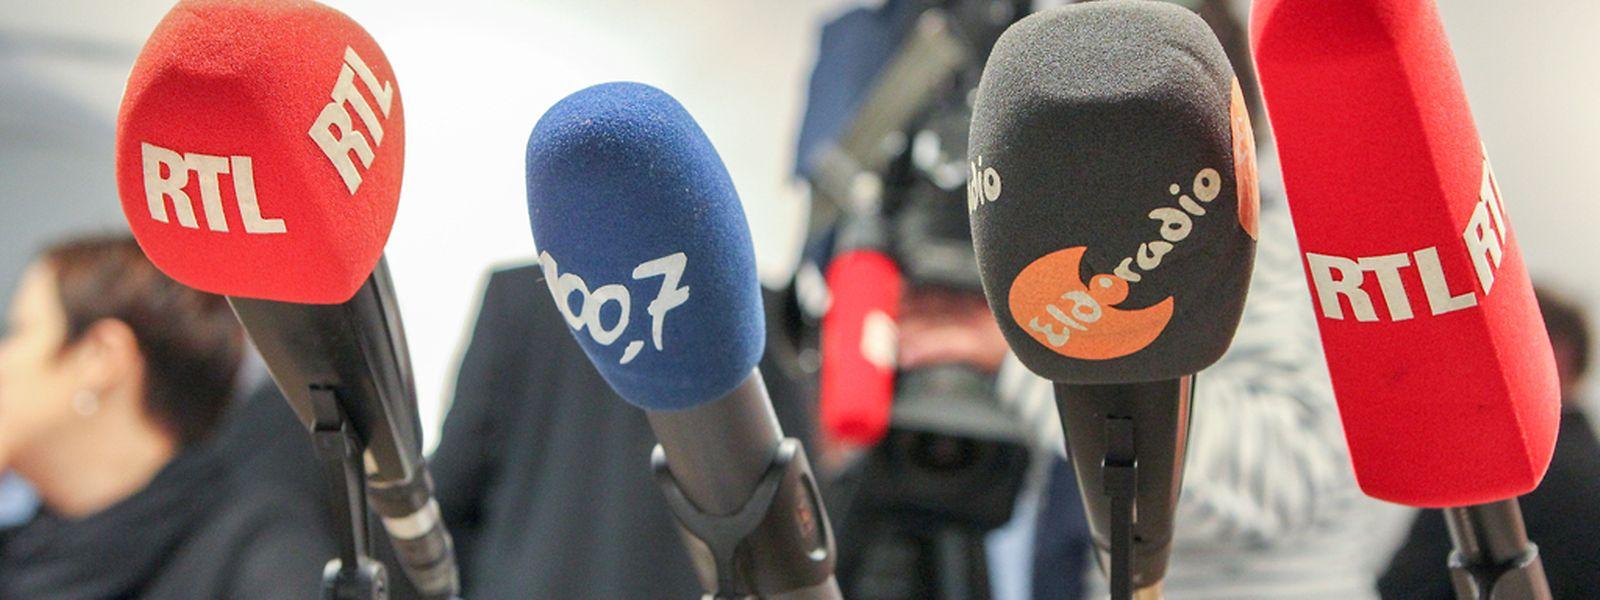 Die Radiolandschaft in Luxemburg ist nicht so vielfältig wie die Farben der Mikrofone.